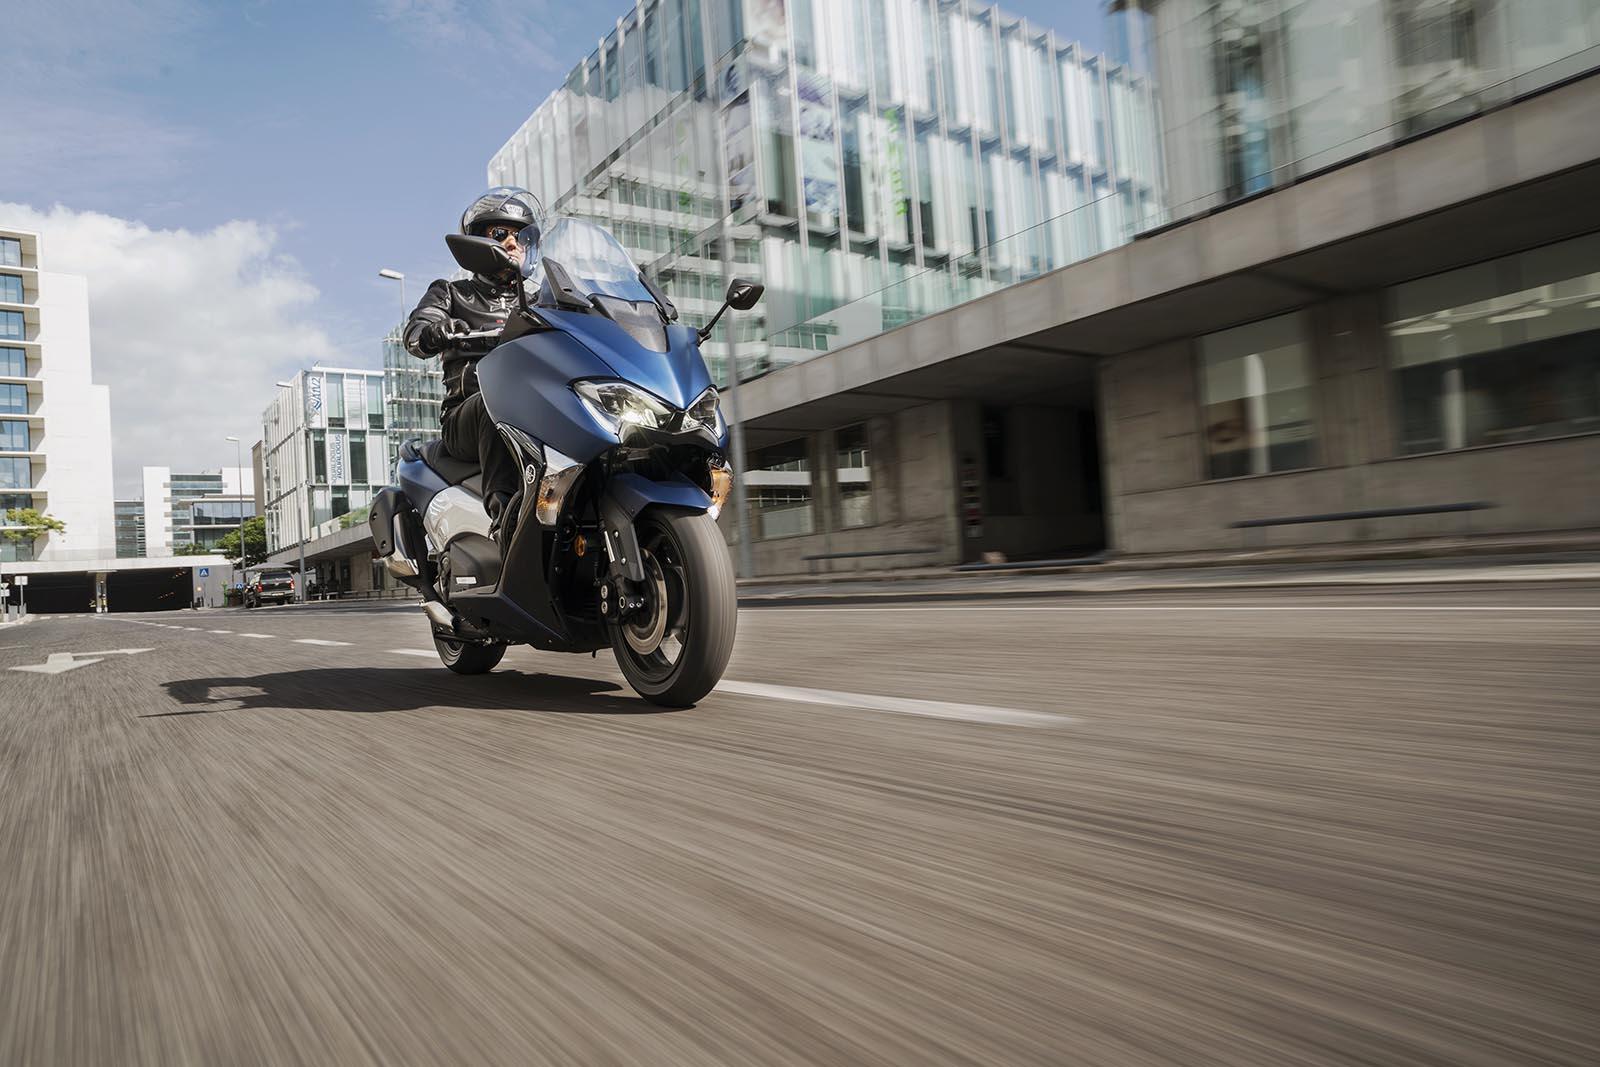 I servizi di Vodafone per gli scooter di Yamaha